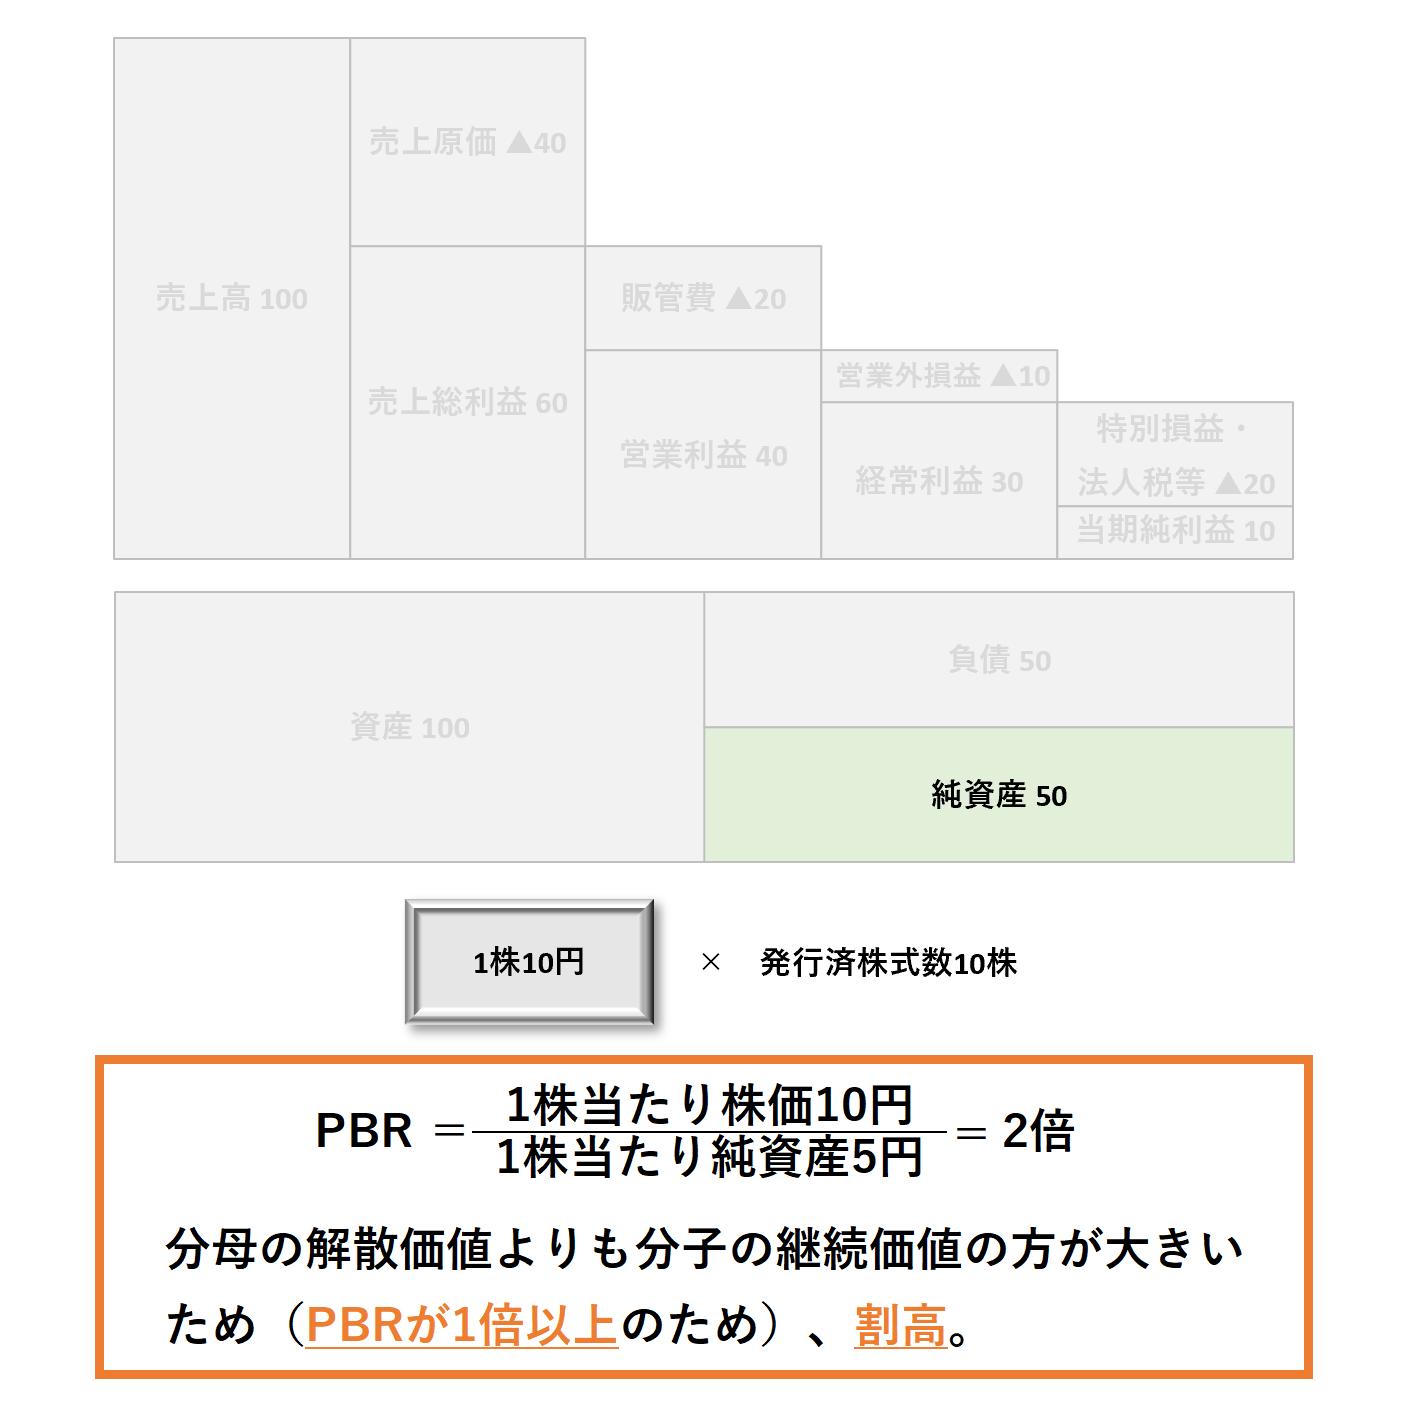 1株当たり分析(2級):PBR割高割安ー解答